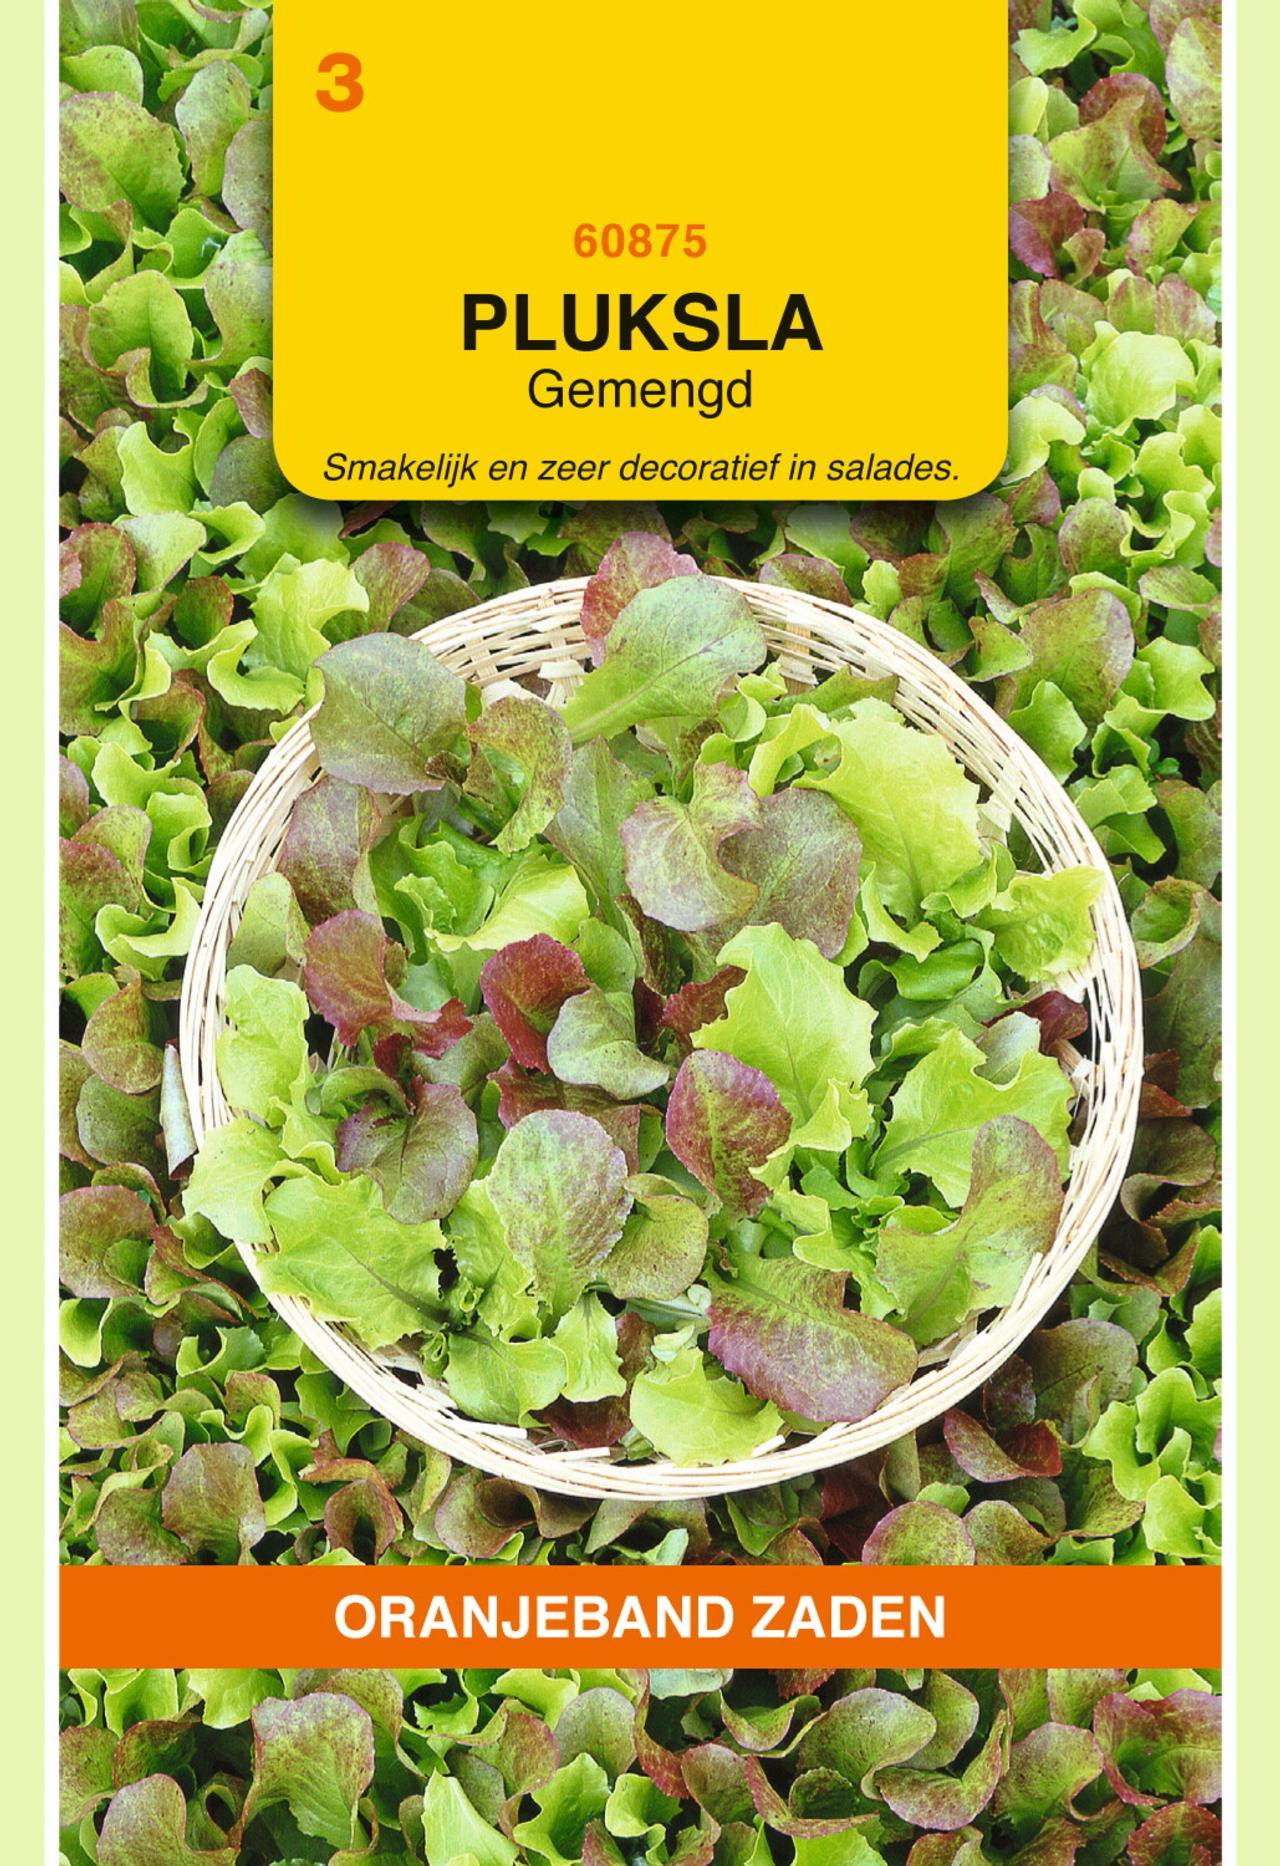 Lactuca sativa 'Gemengd' plant